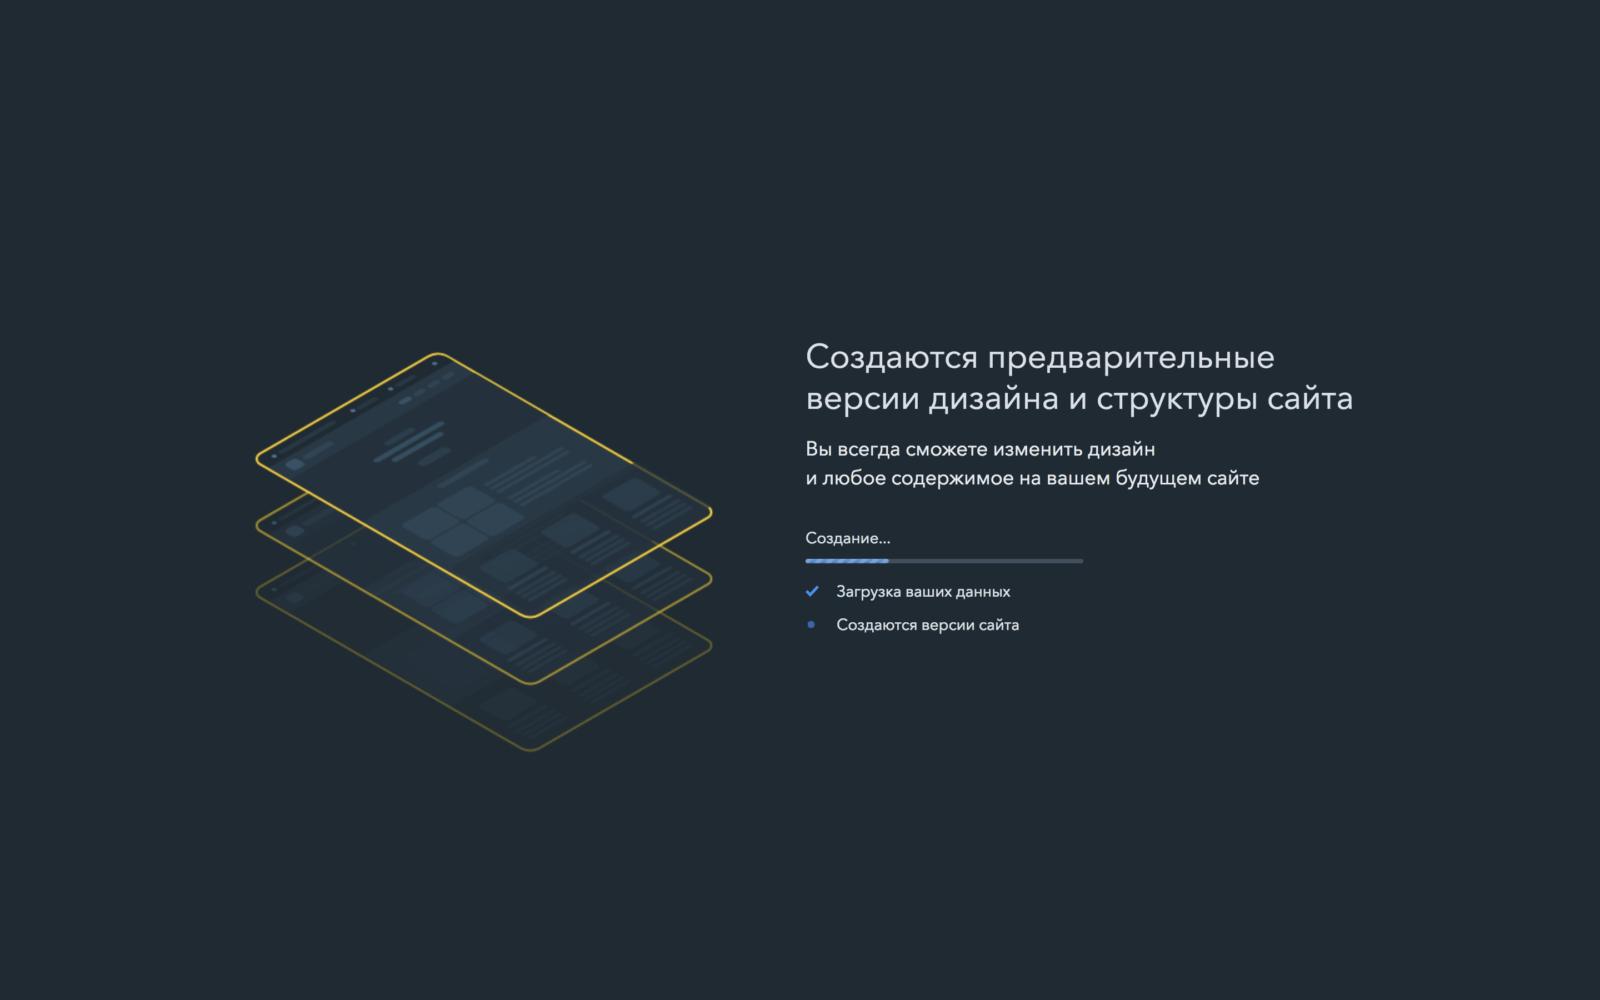 Создание предварительной версии сайта